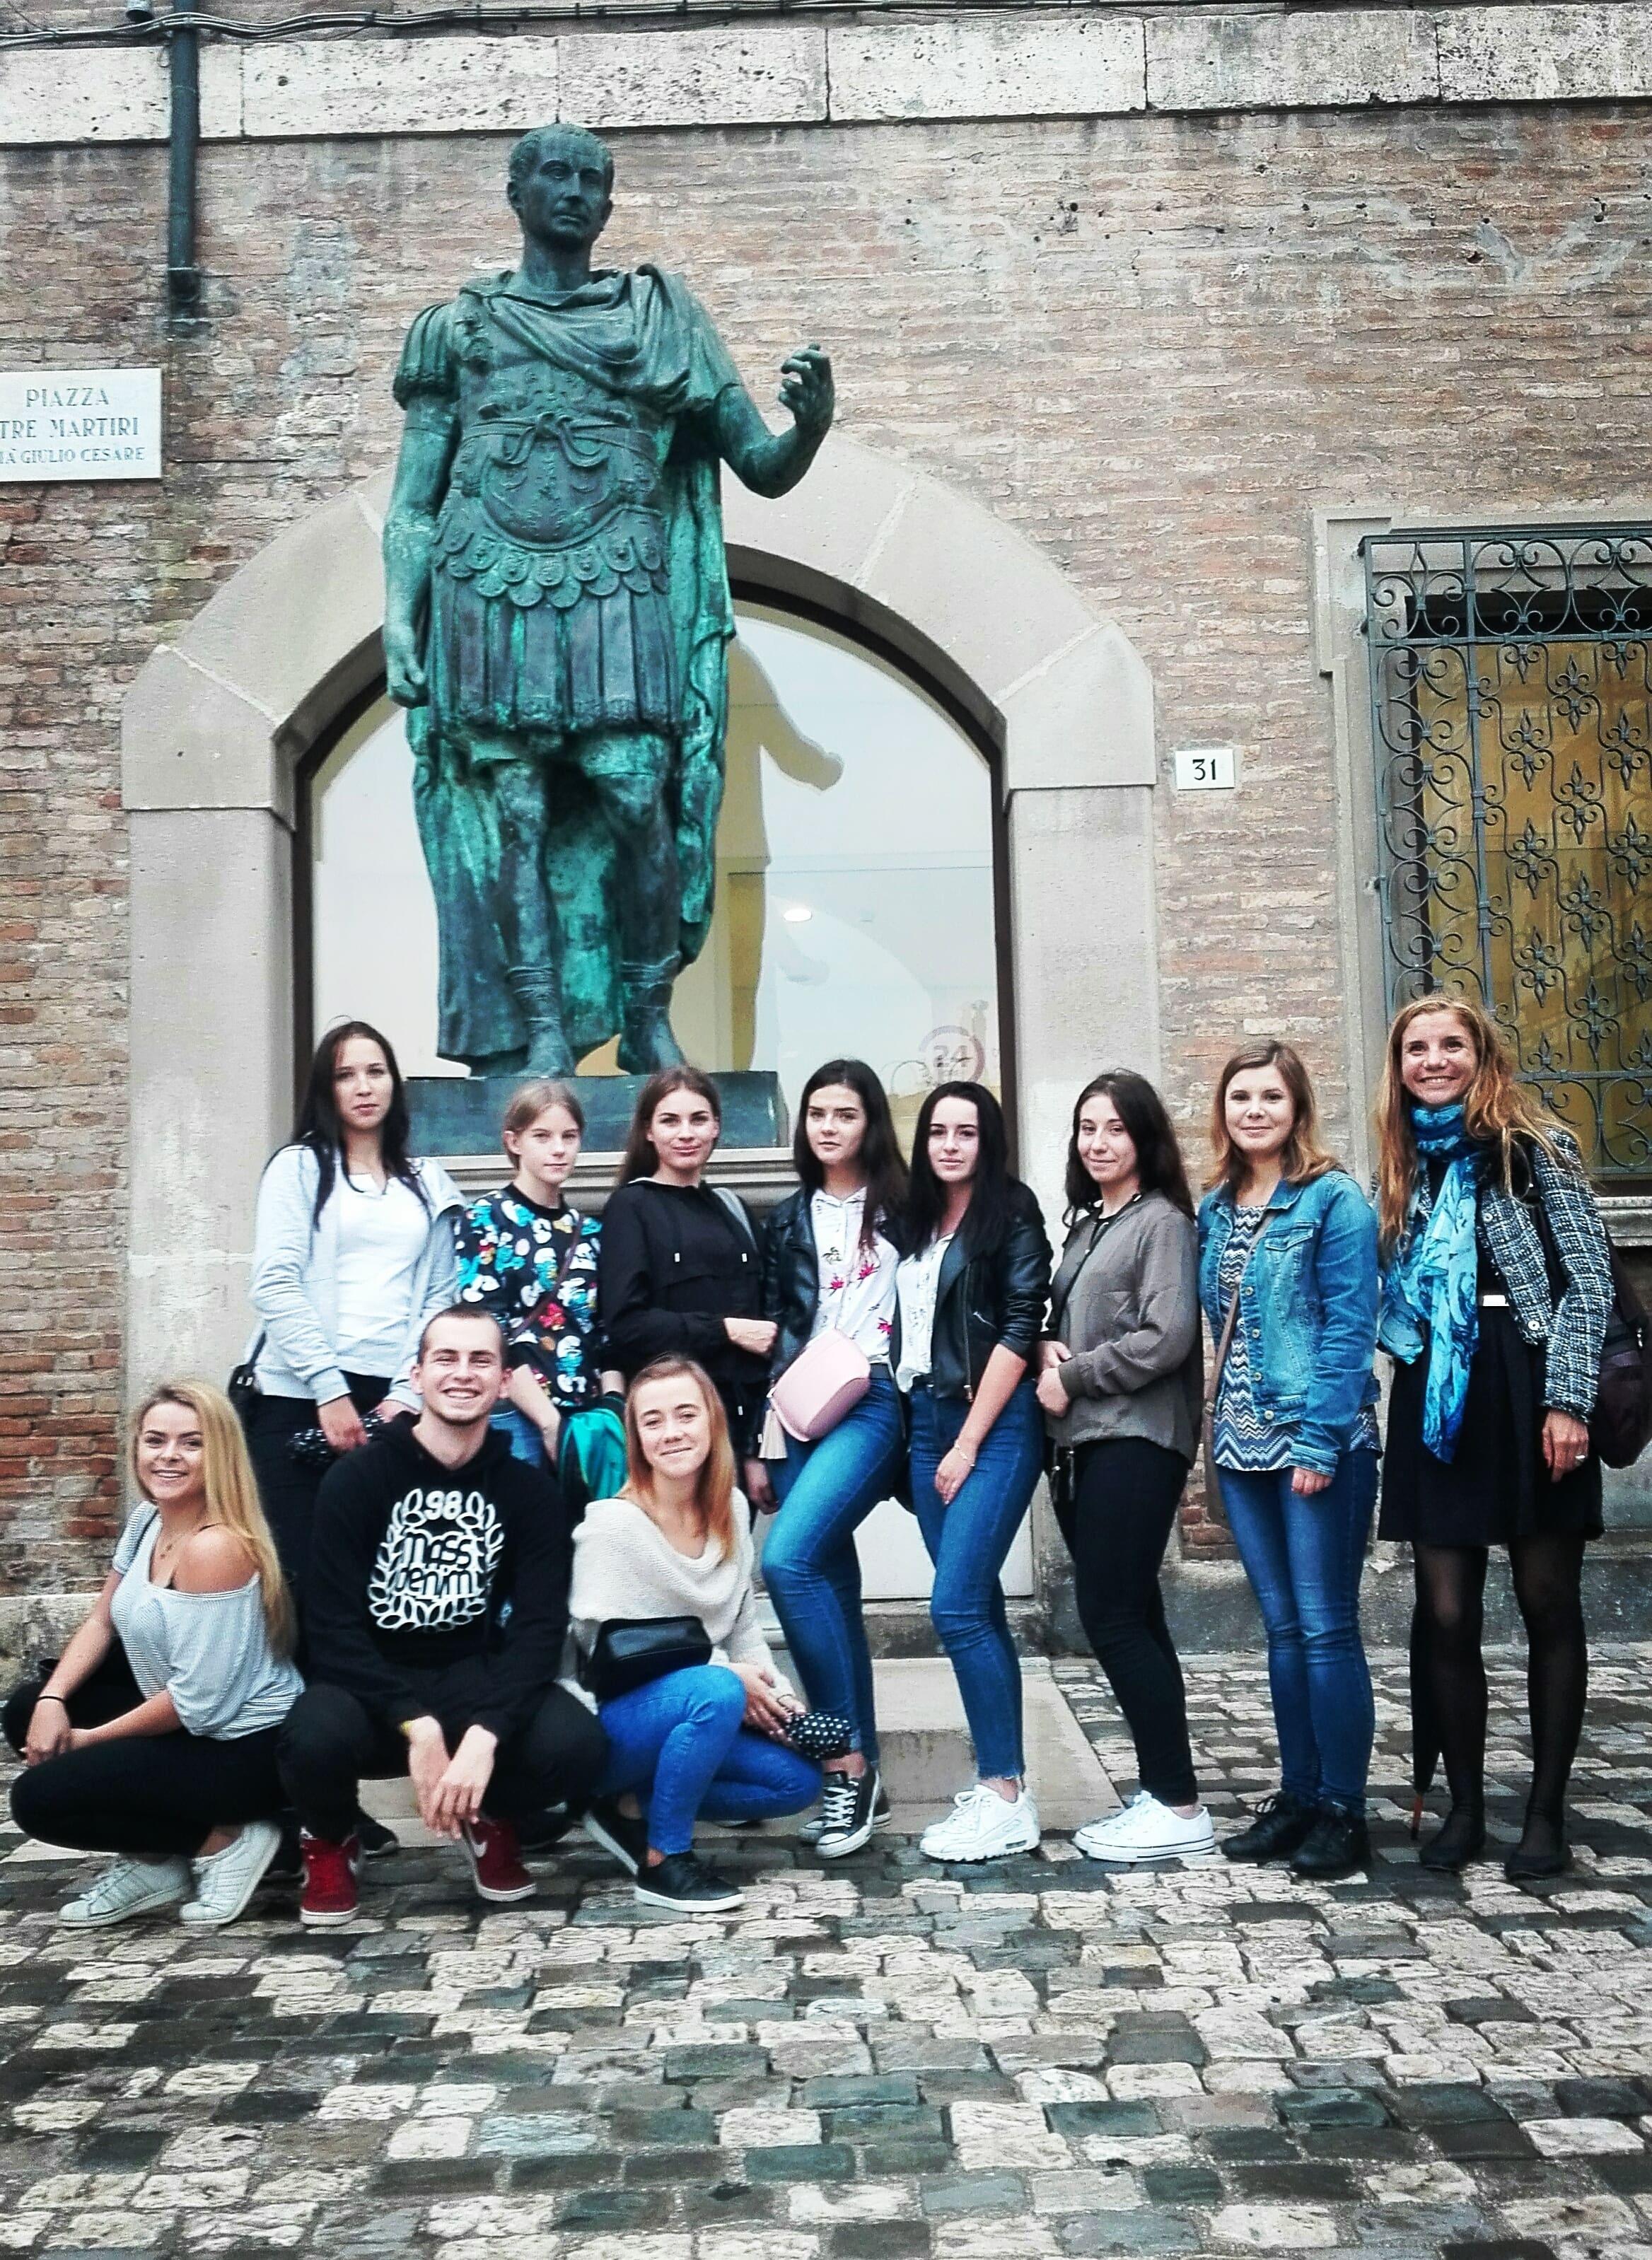 group-from-z%cc%87eromski-cze%cc%a8stochowa-min